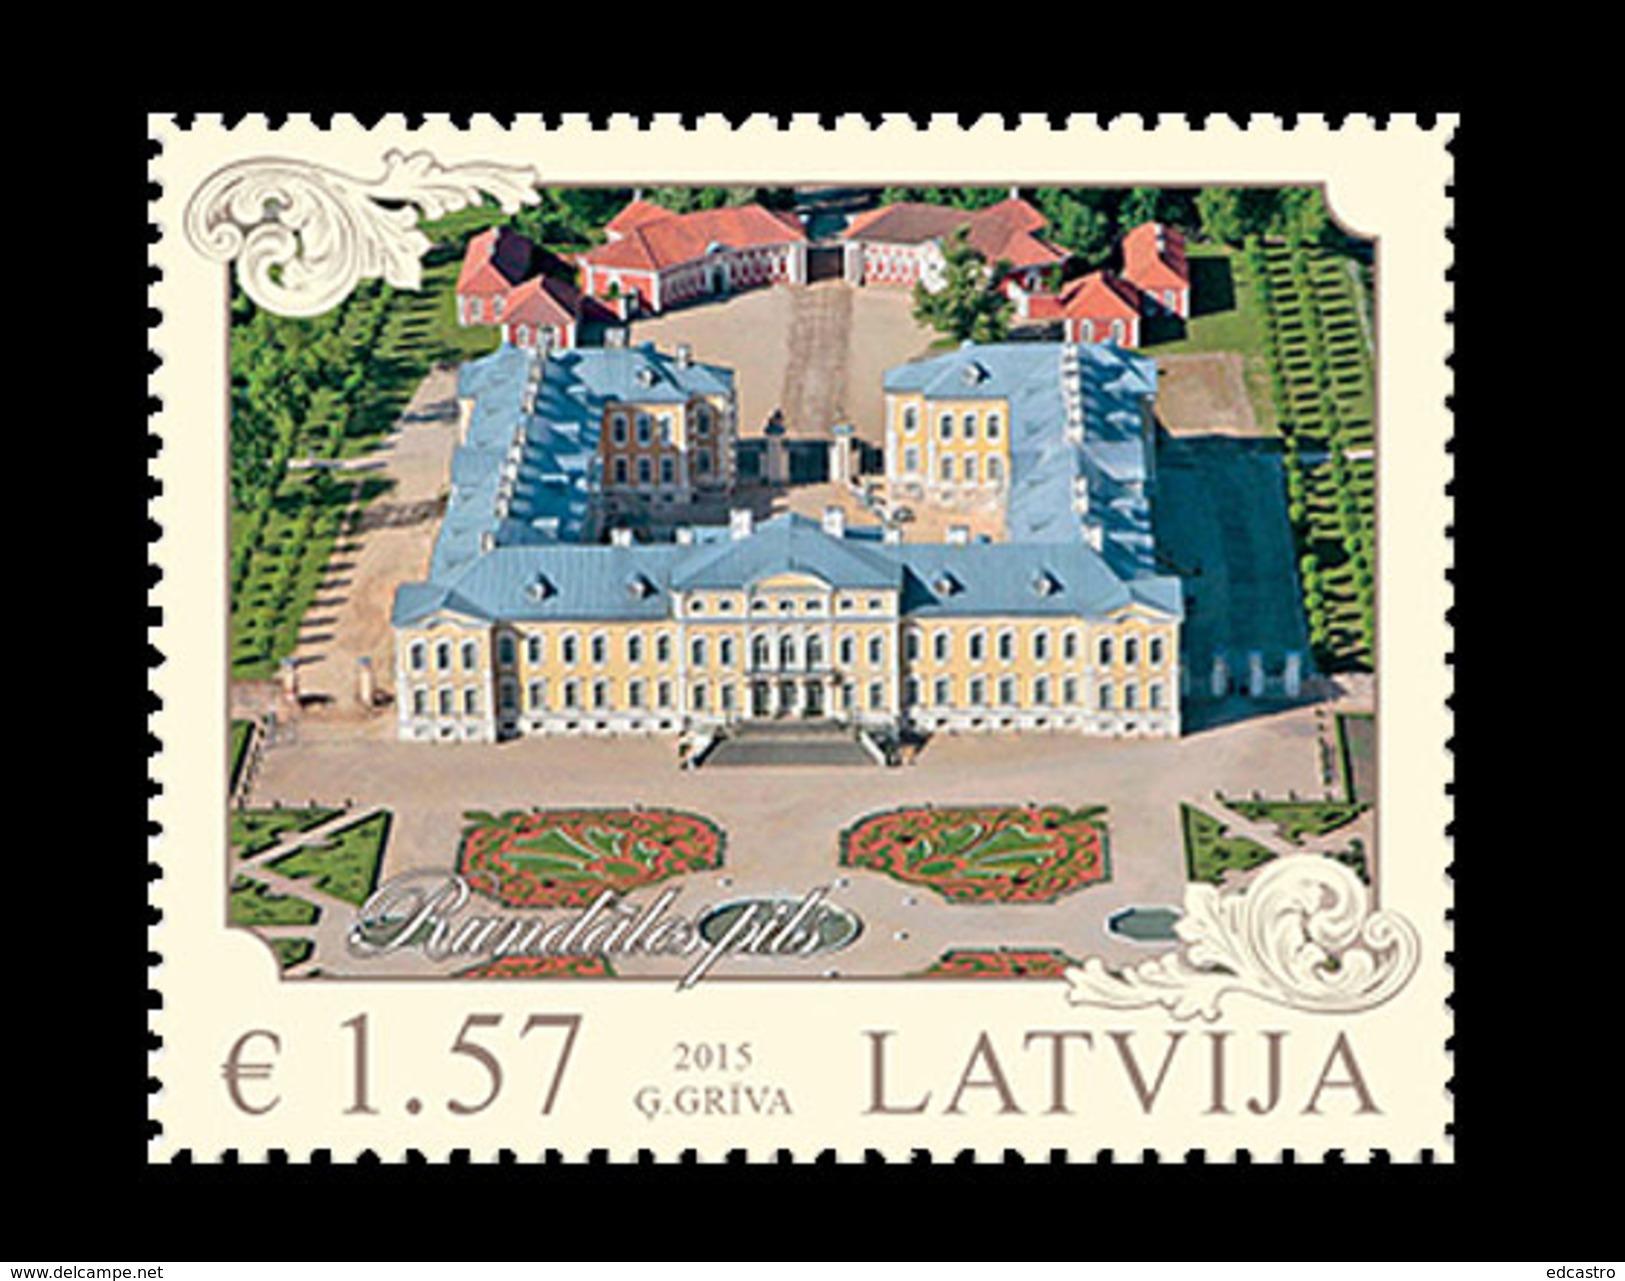 LATVIA 2015 Architecture Of Latvia 2015 - Lithuania